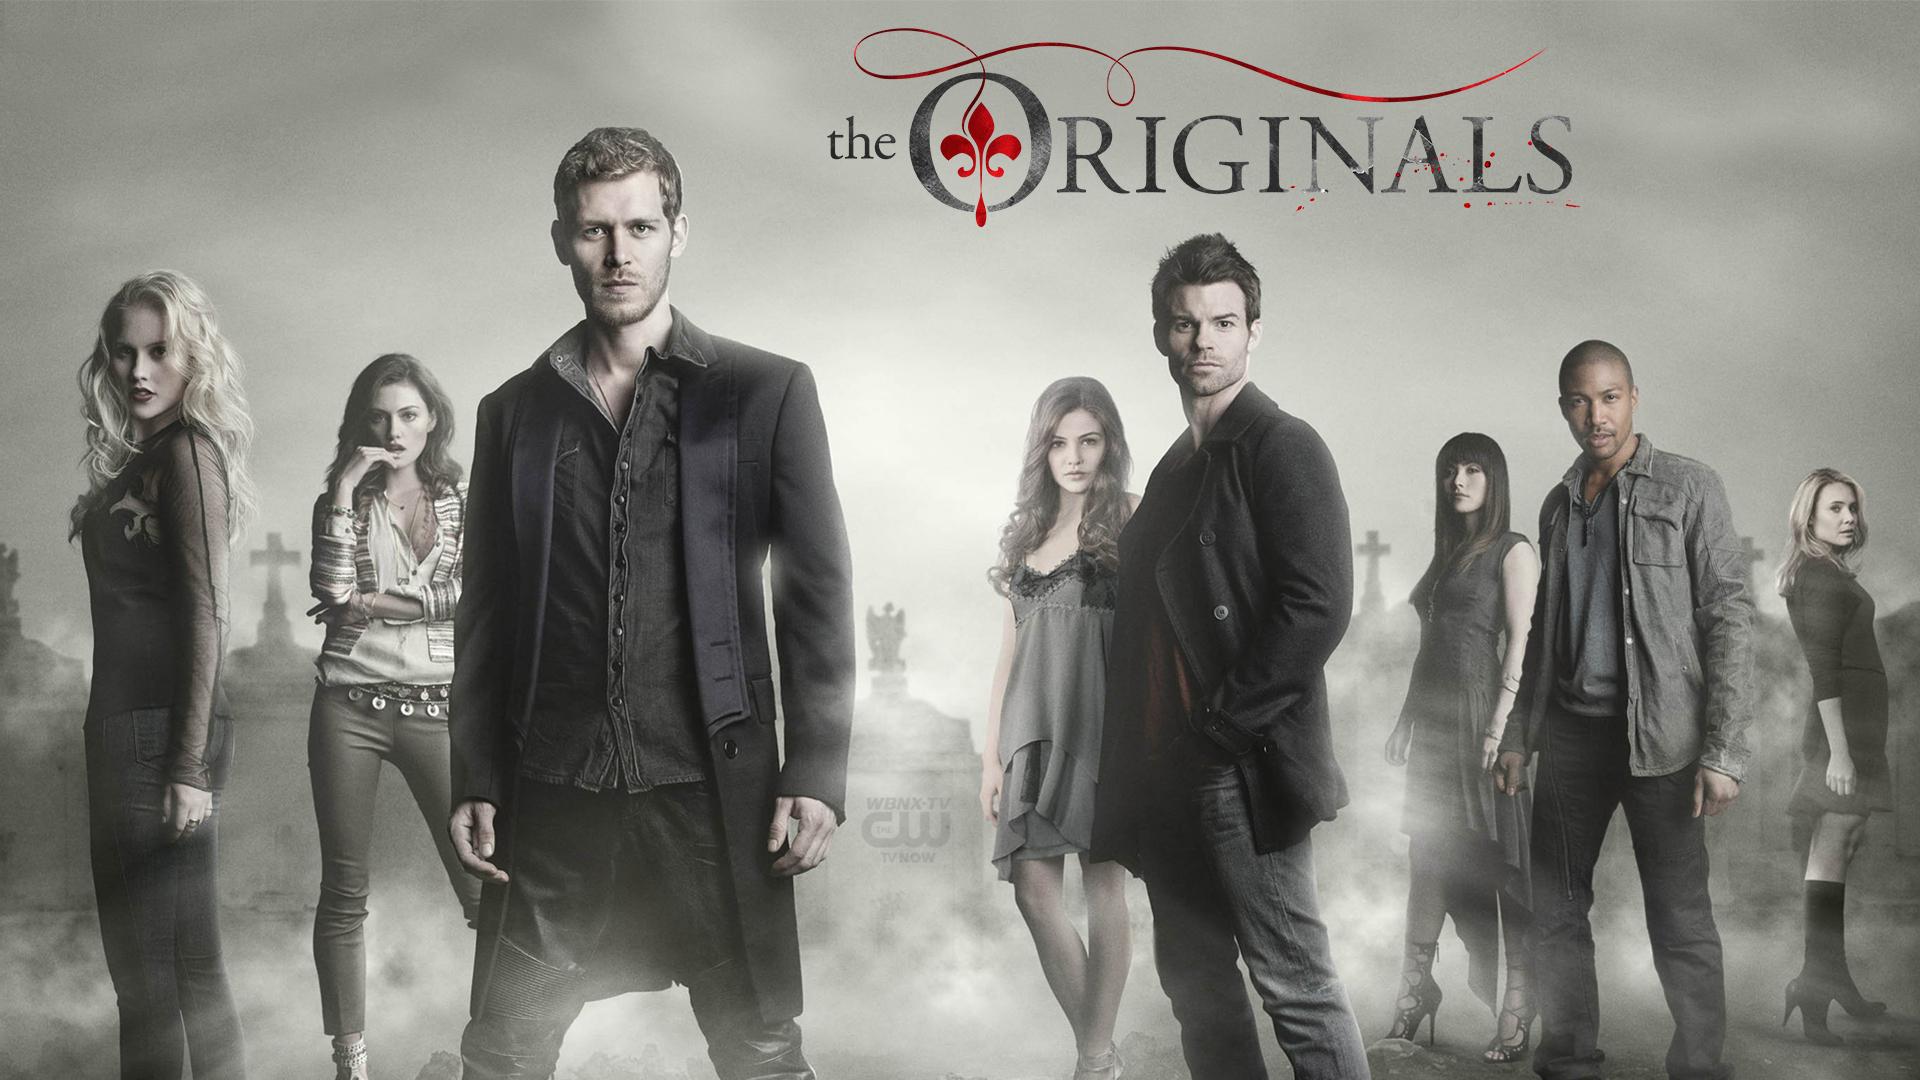 the originals tv show wallpaper 70273